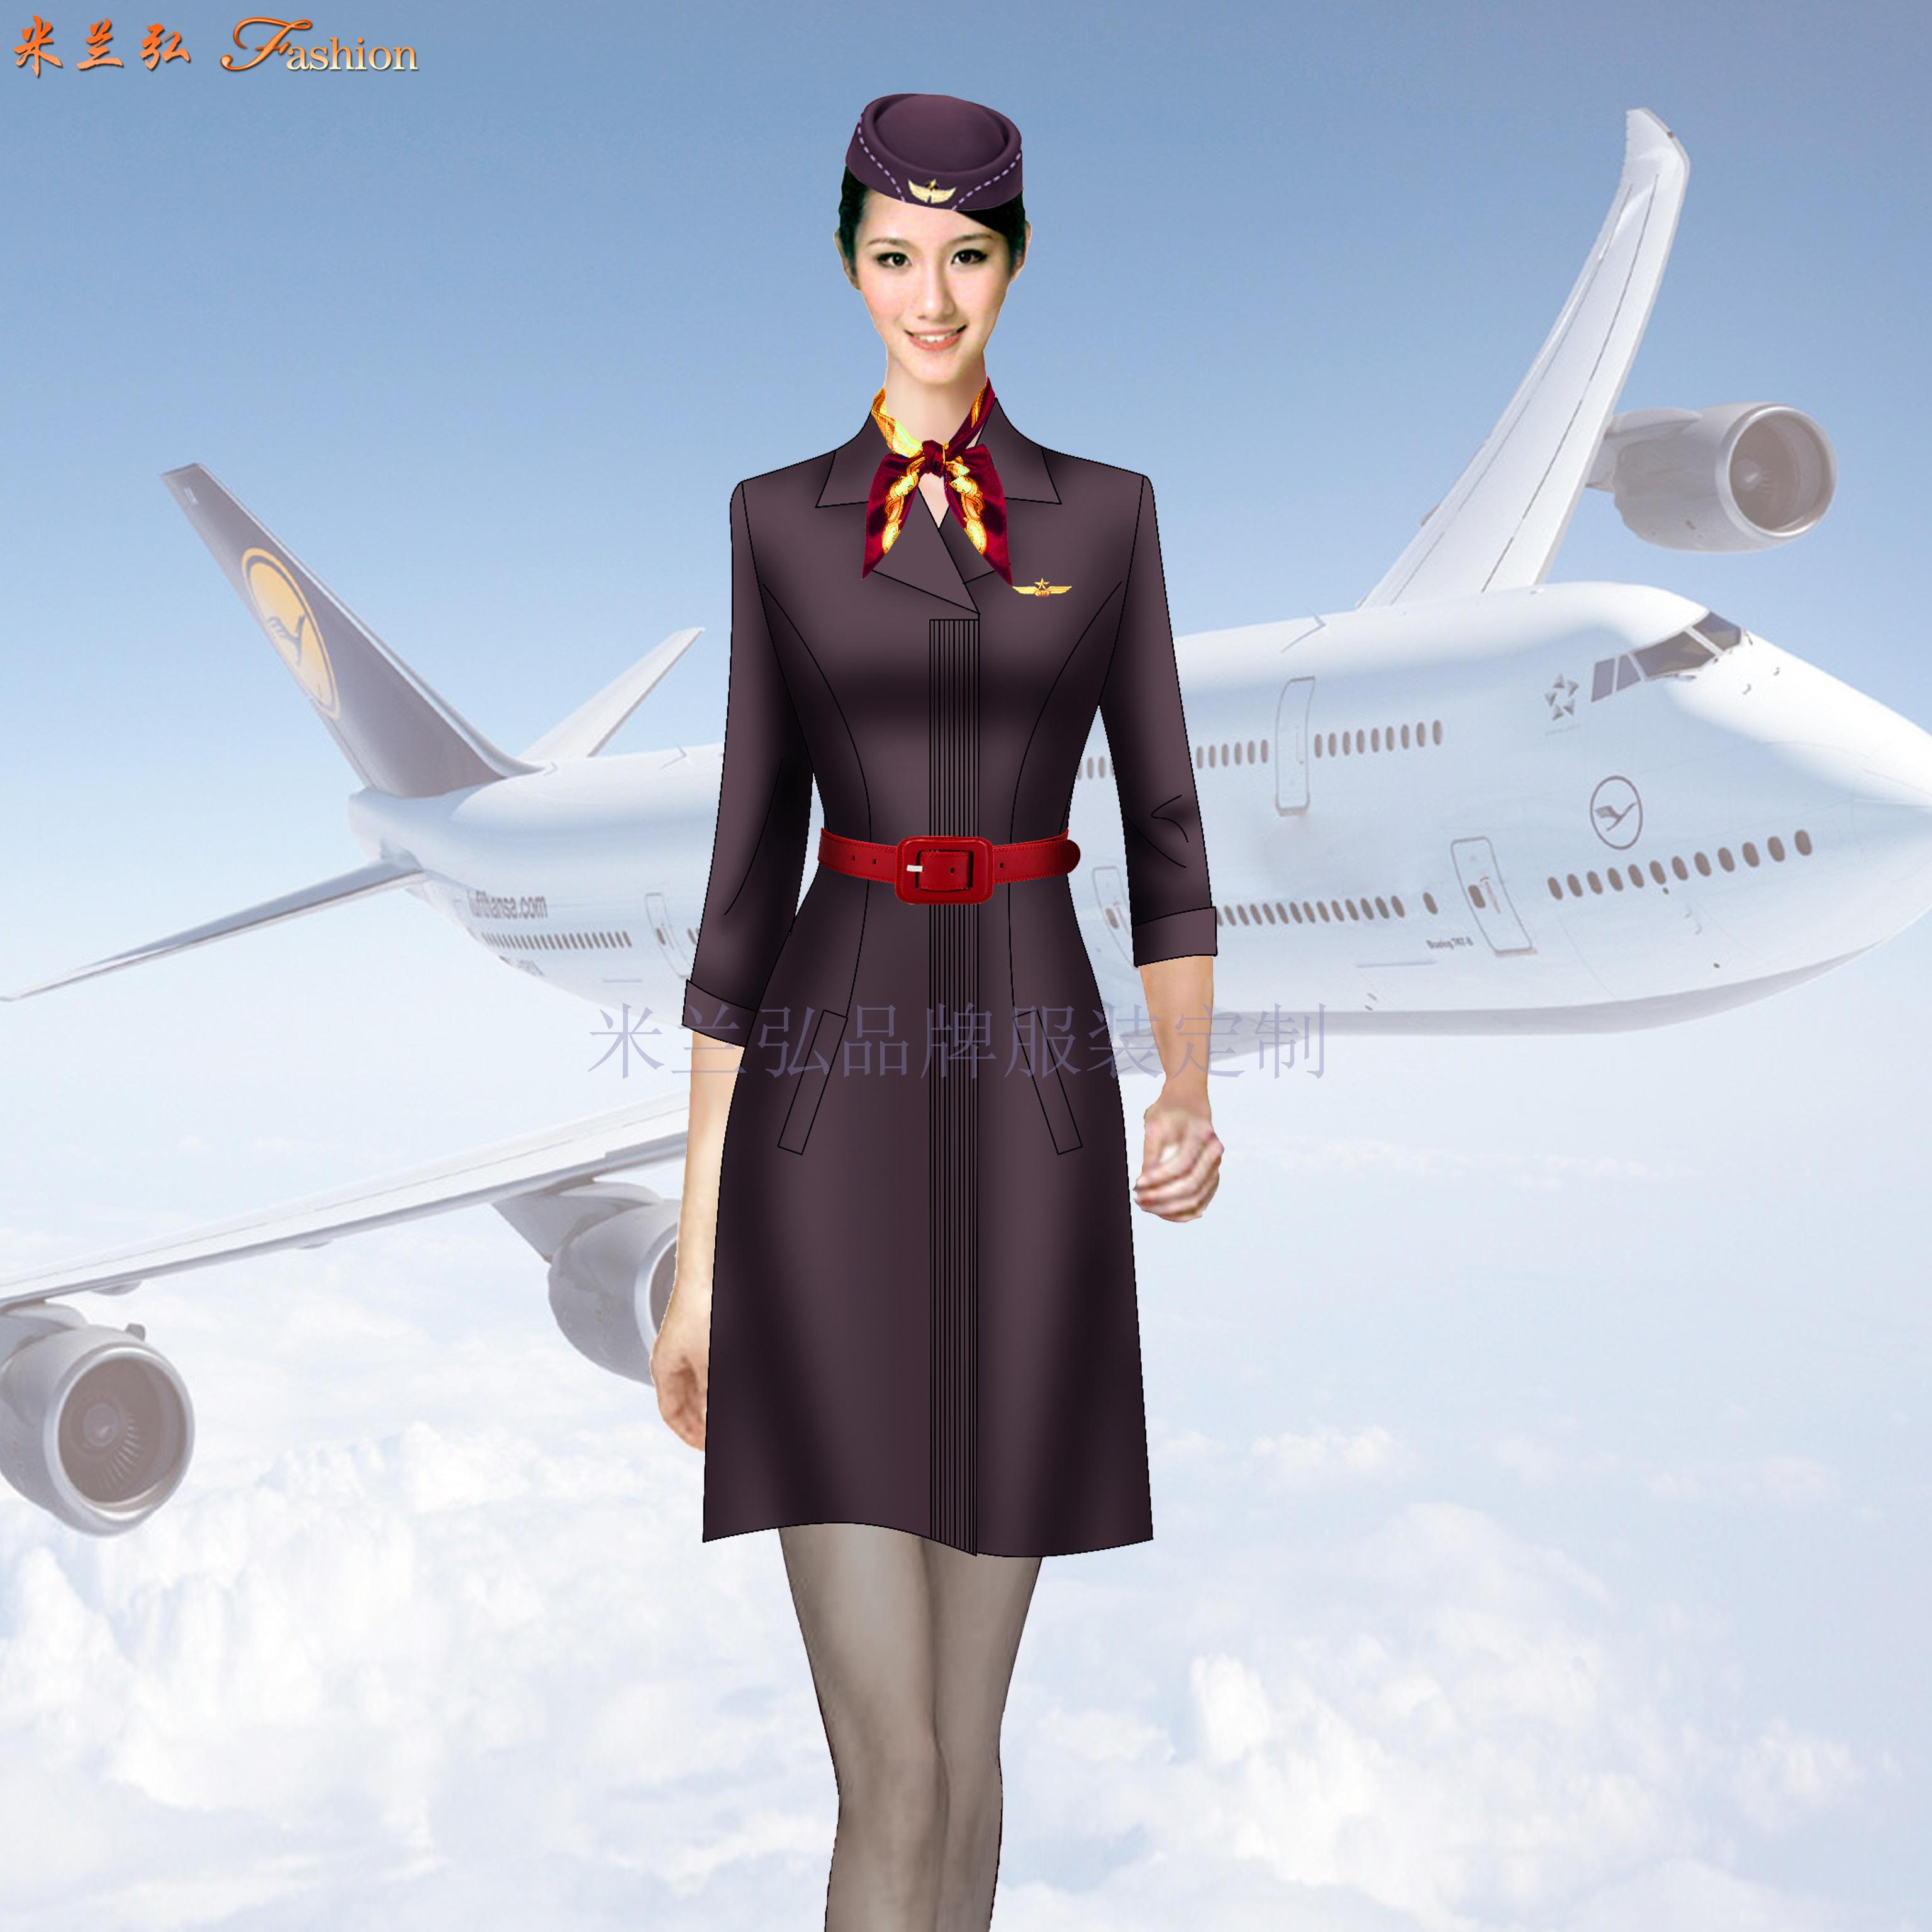 空乘連衣裙_大型航空公司空乘連衣裙定做-米蘭弘服裝廠家-1